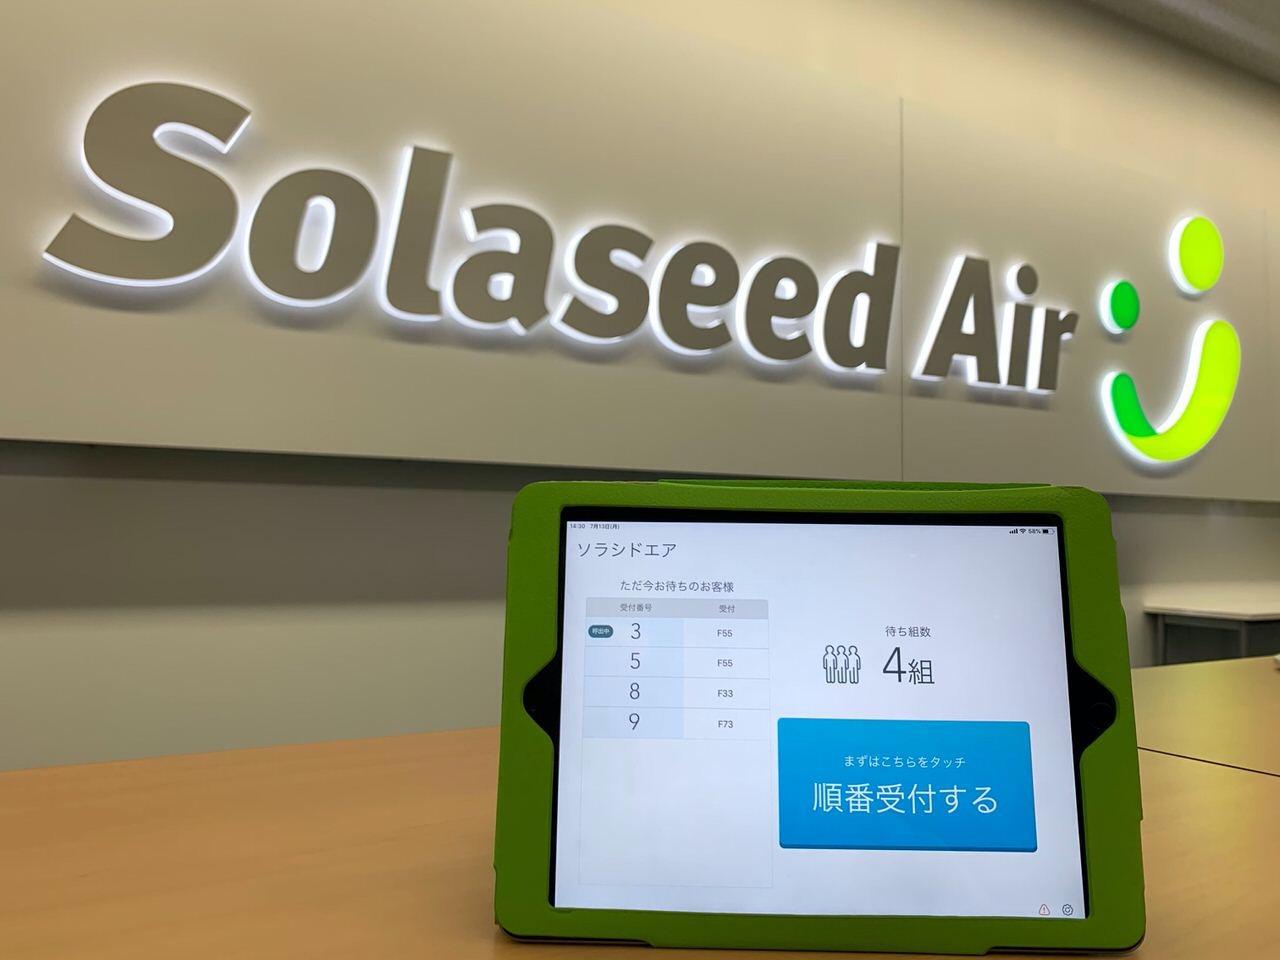 【ソラシドエア】羽田空港のチェックインカウンターに「さわやか」と同じ受付管理アプリ「Airウェイト」を導入と発表